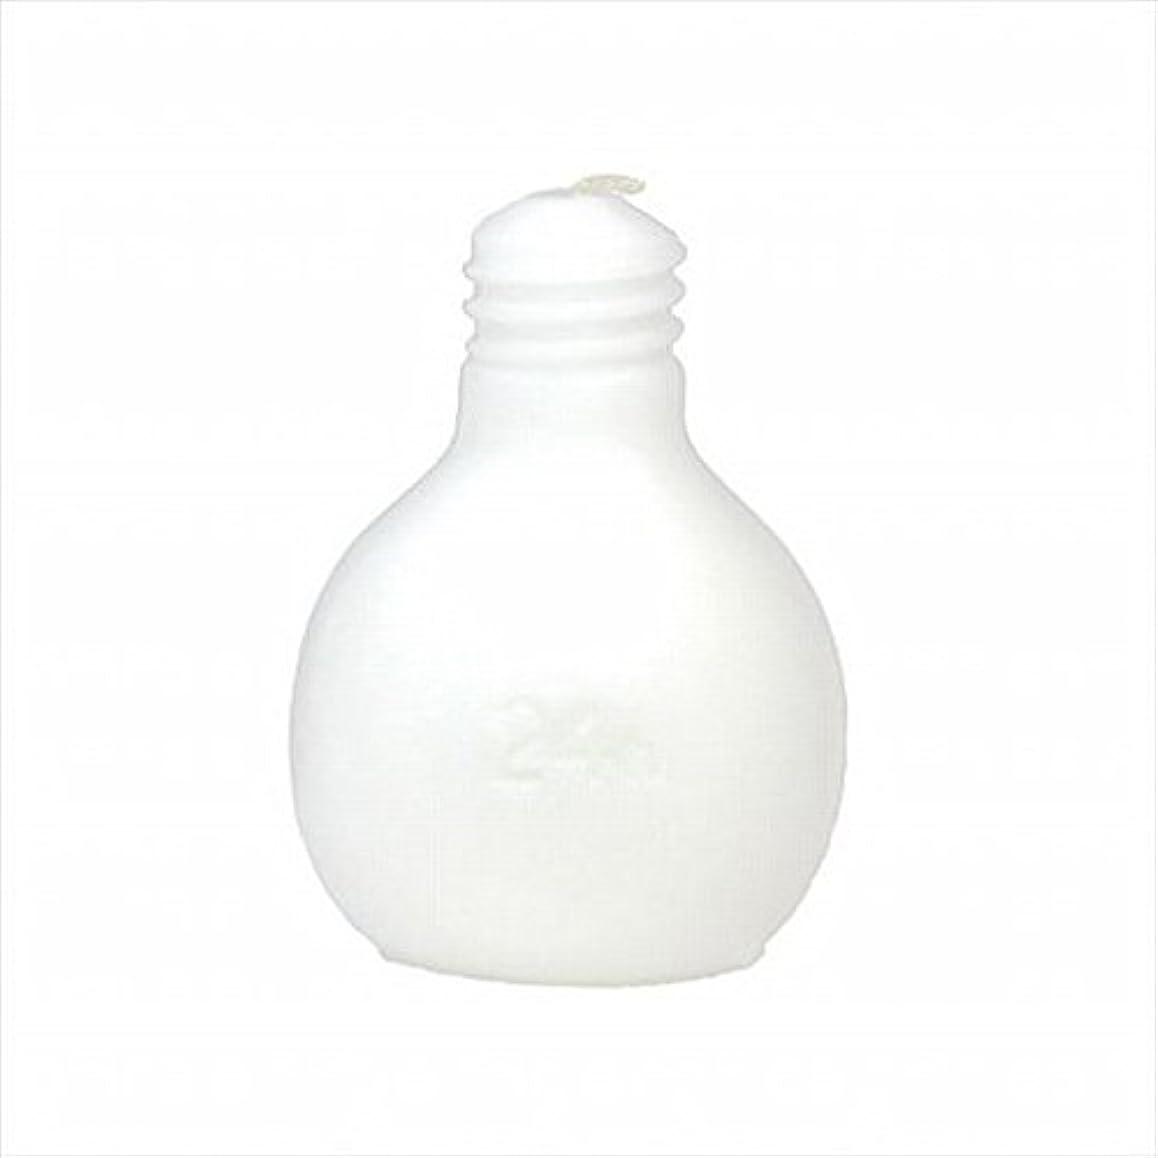 放出徹底チェスkameyama candle(カメヤマキャンドル) 節電球キャンドル 「 ホワイト 」 キャンドル 75x75x98mm (A4220000W)